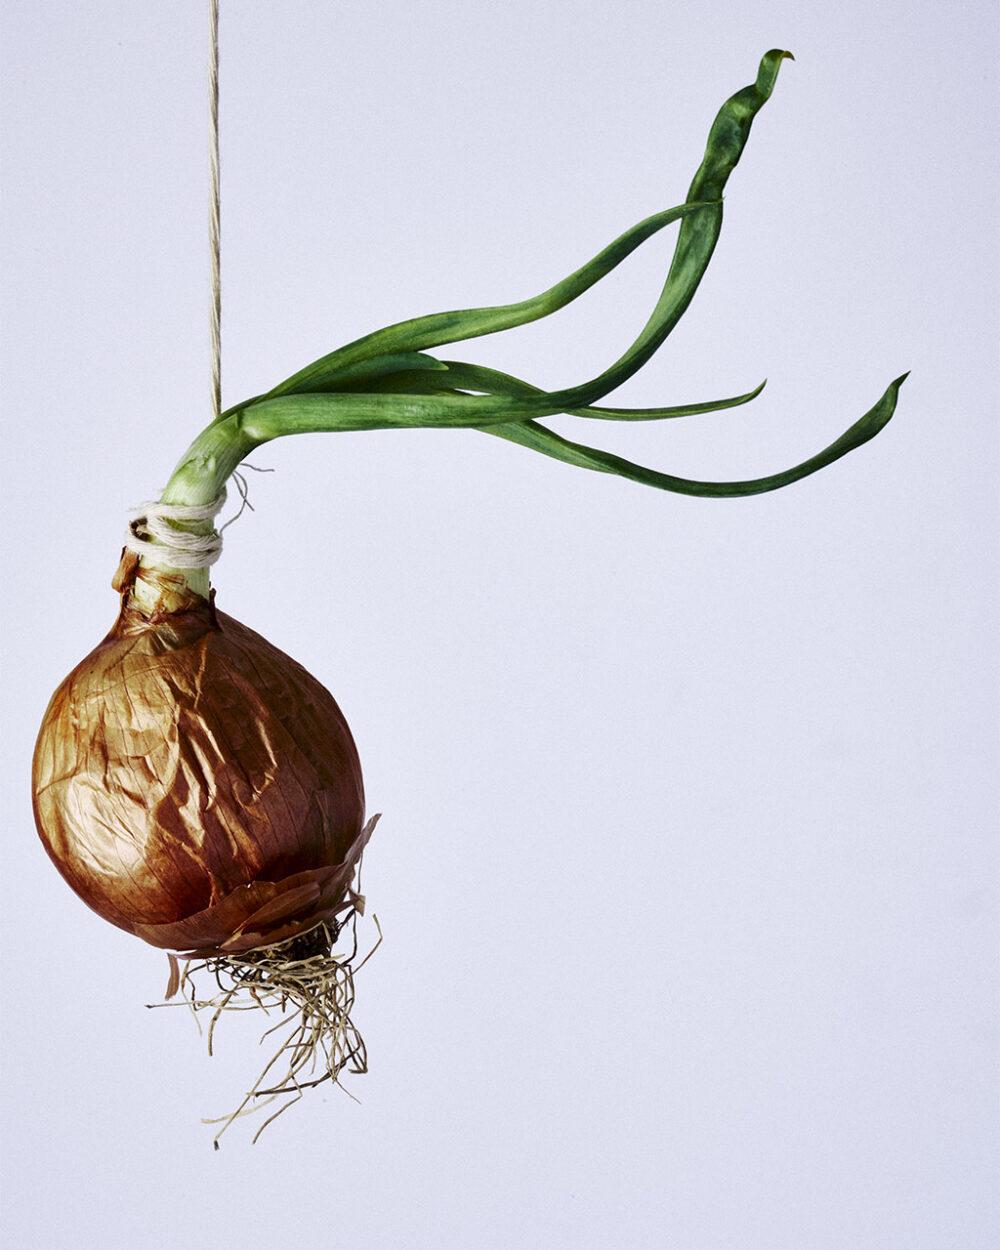 Hanging Onion